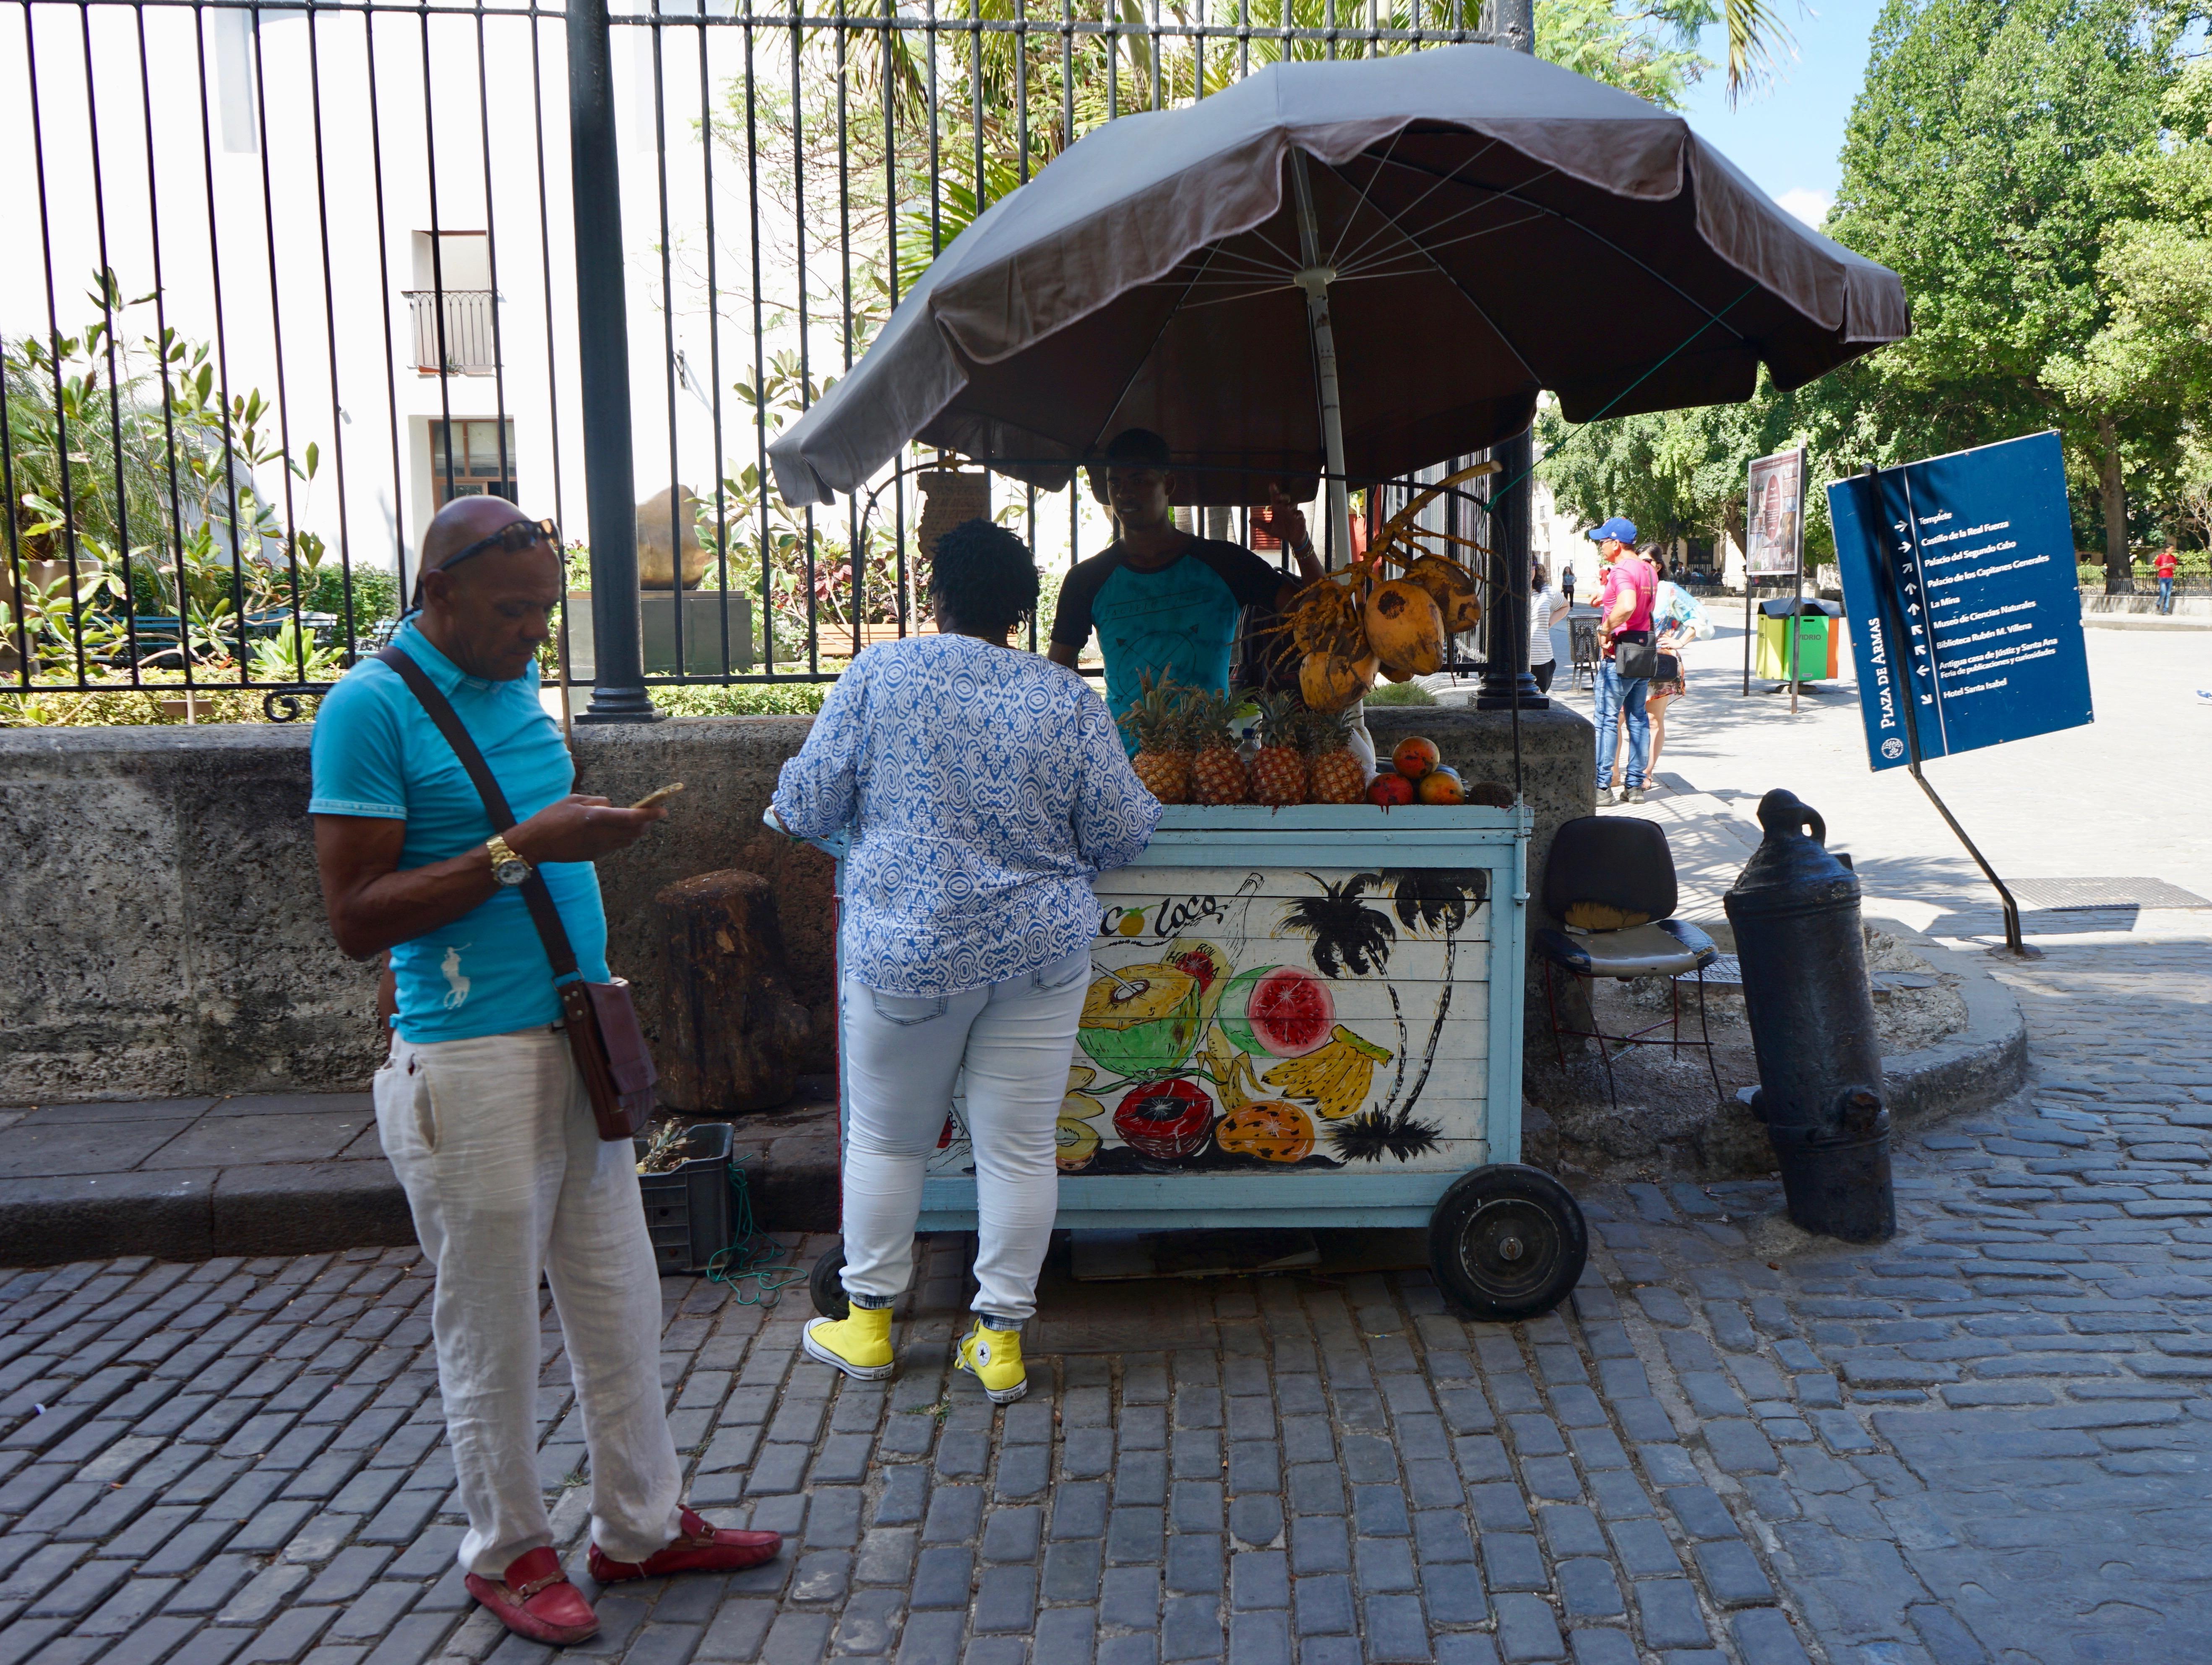 Carrito de los zumos de fruta.  La Habana Vieja.